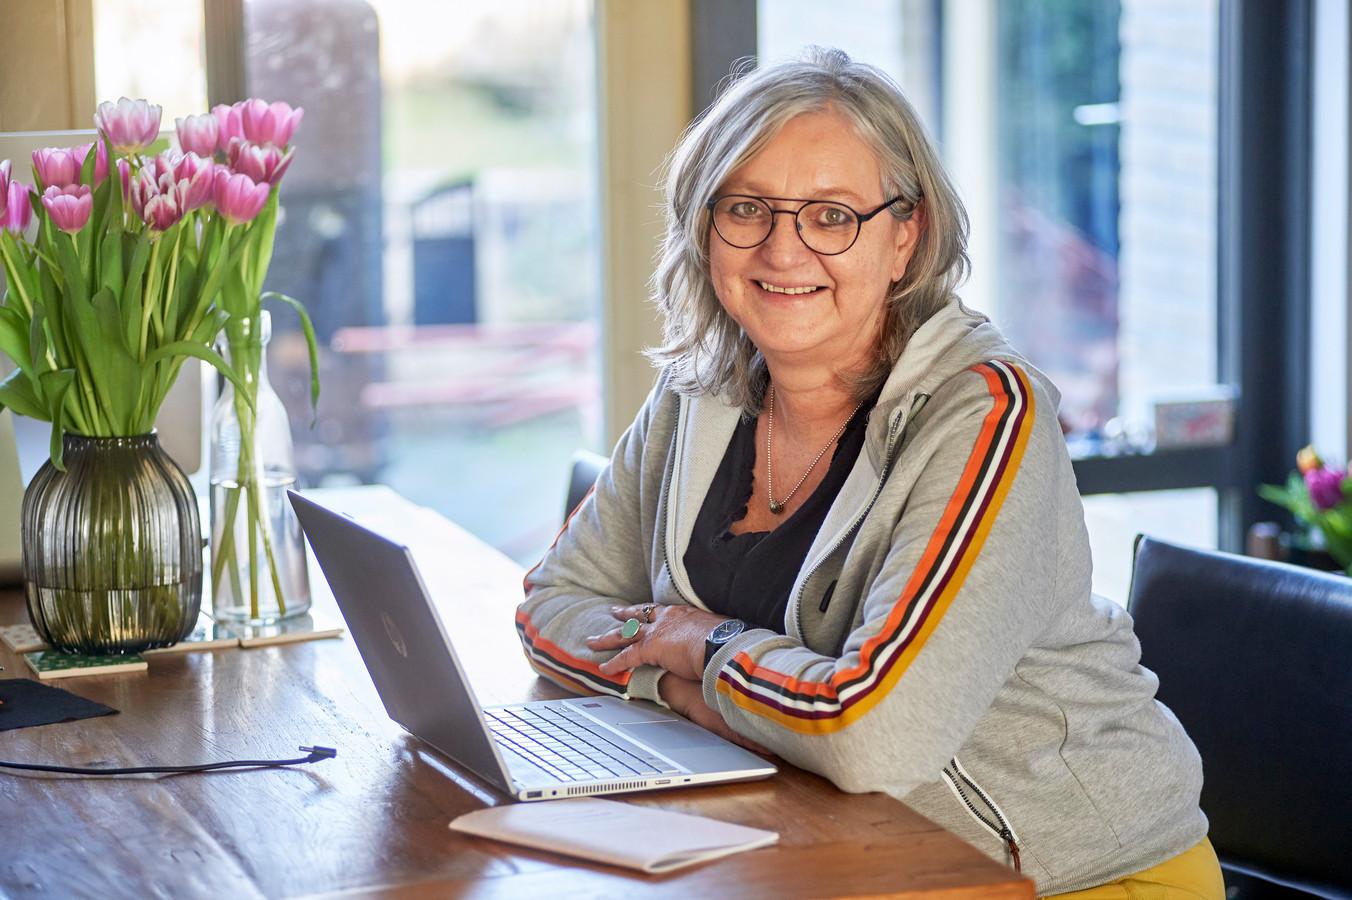 Anne-Marie van Orsouw uit Heesch deelt in haar blog persoonlijke ervaringen tijdens haar ziekteproces en hoopt daarmee ook anderen te helpen.